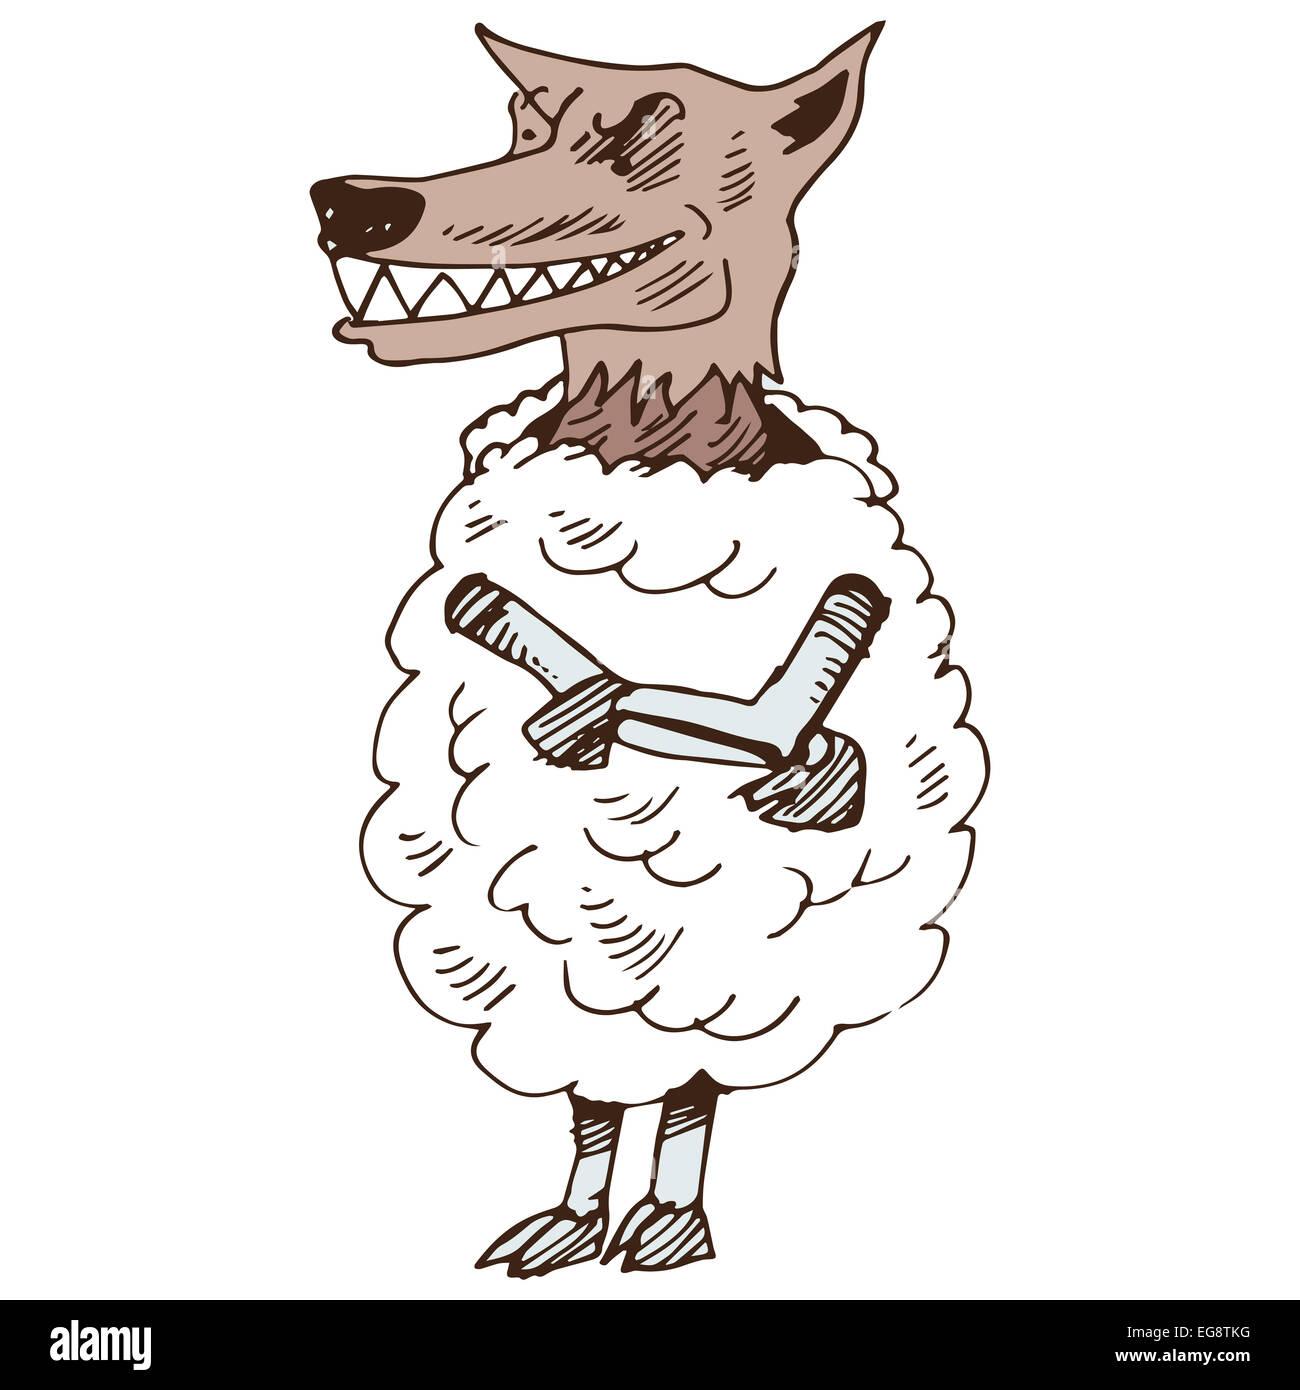 L Image D Un Loup Deguise En Agneau Banque D Images Photo Stock